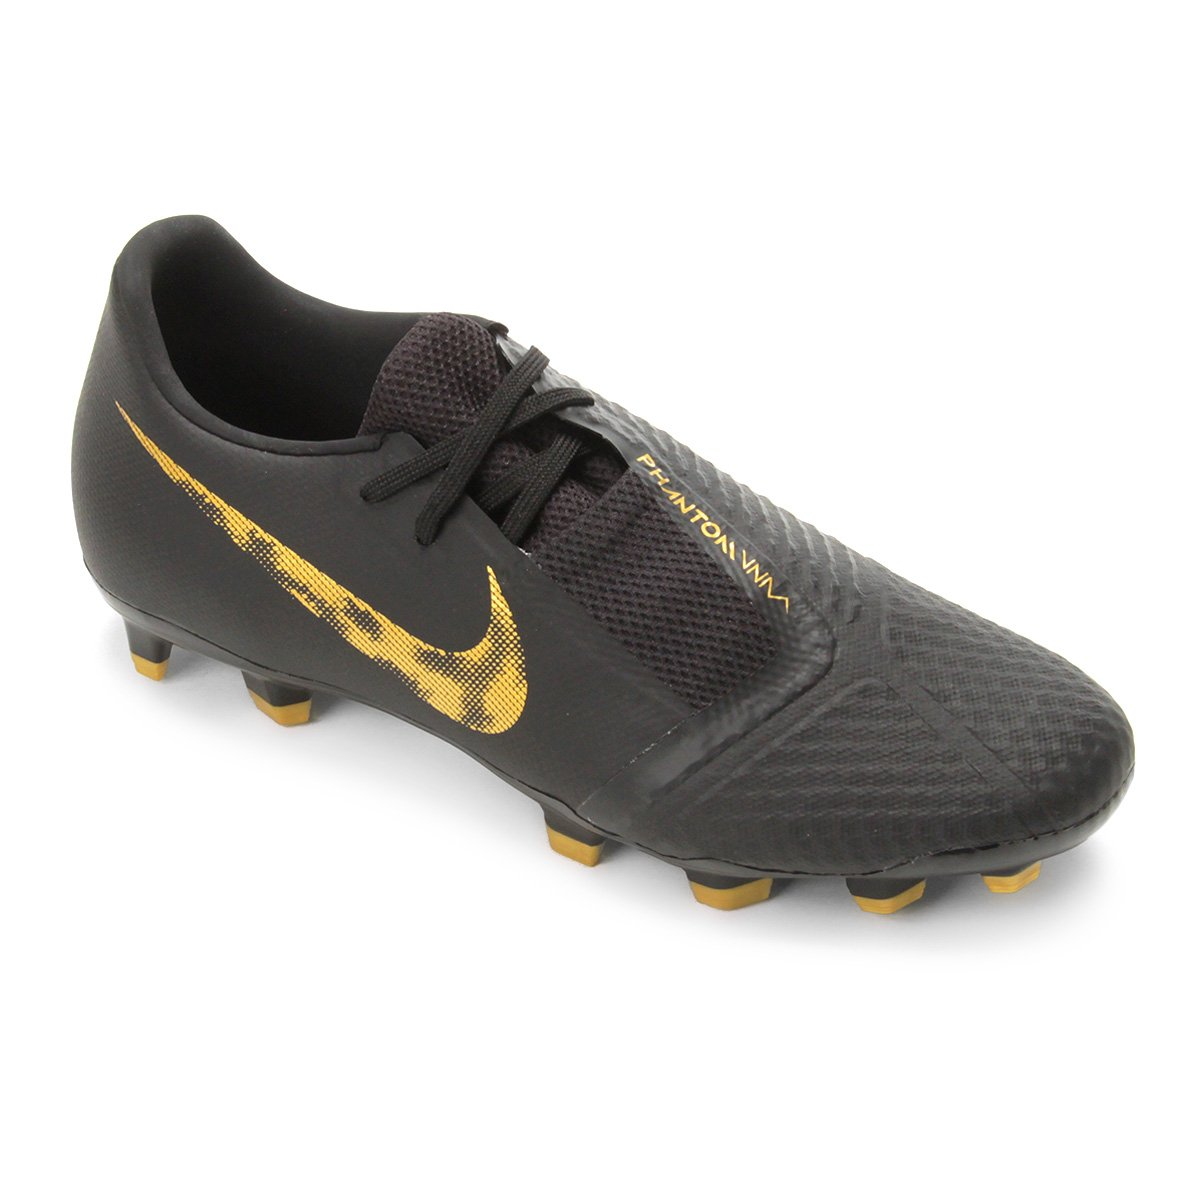 b39429321e Chuteira Campo Nike Phantom Venom Academy FG - Preto e Dourado ...